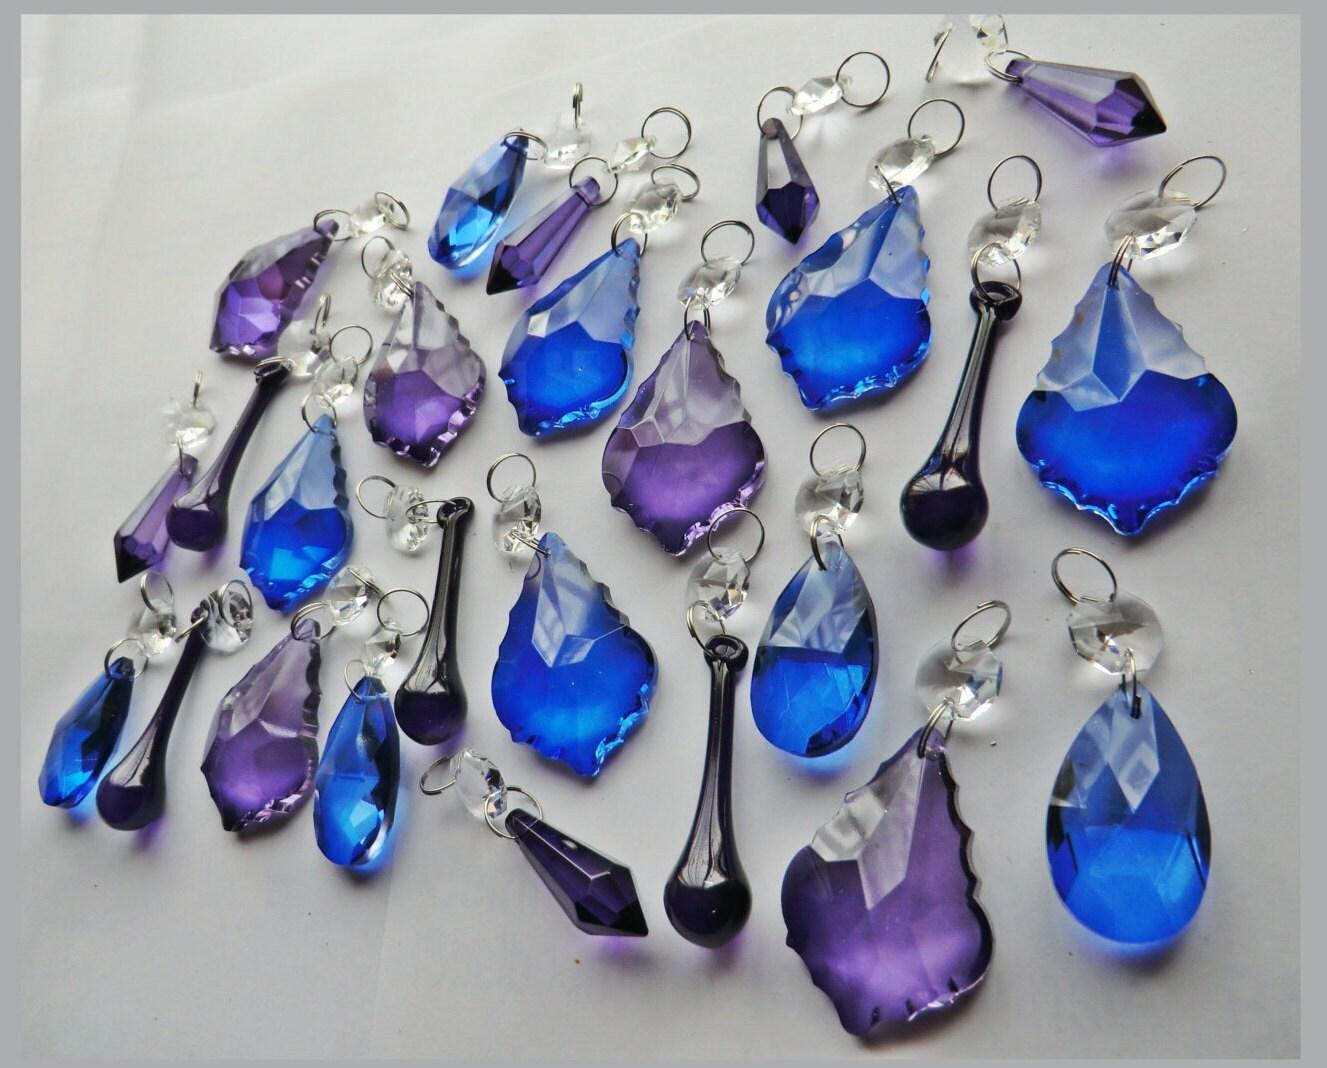 25 gotico viola & Blu lampadario gocce vetro di SeearLights